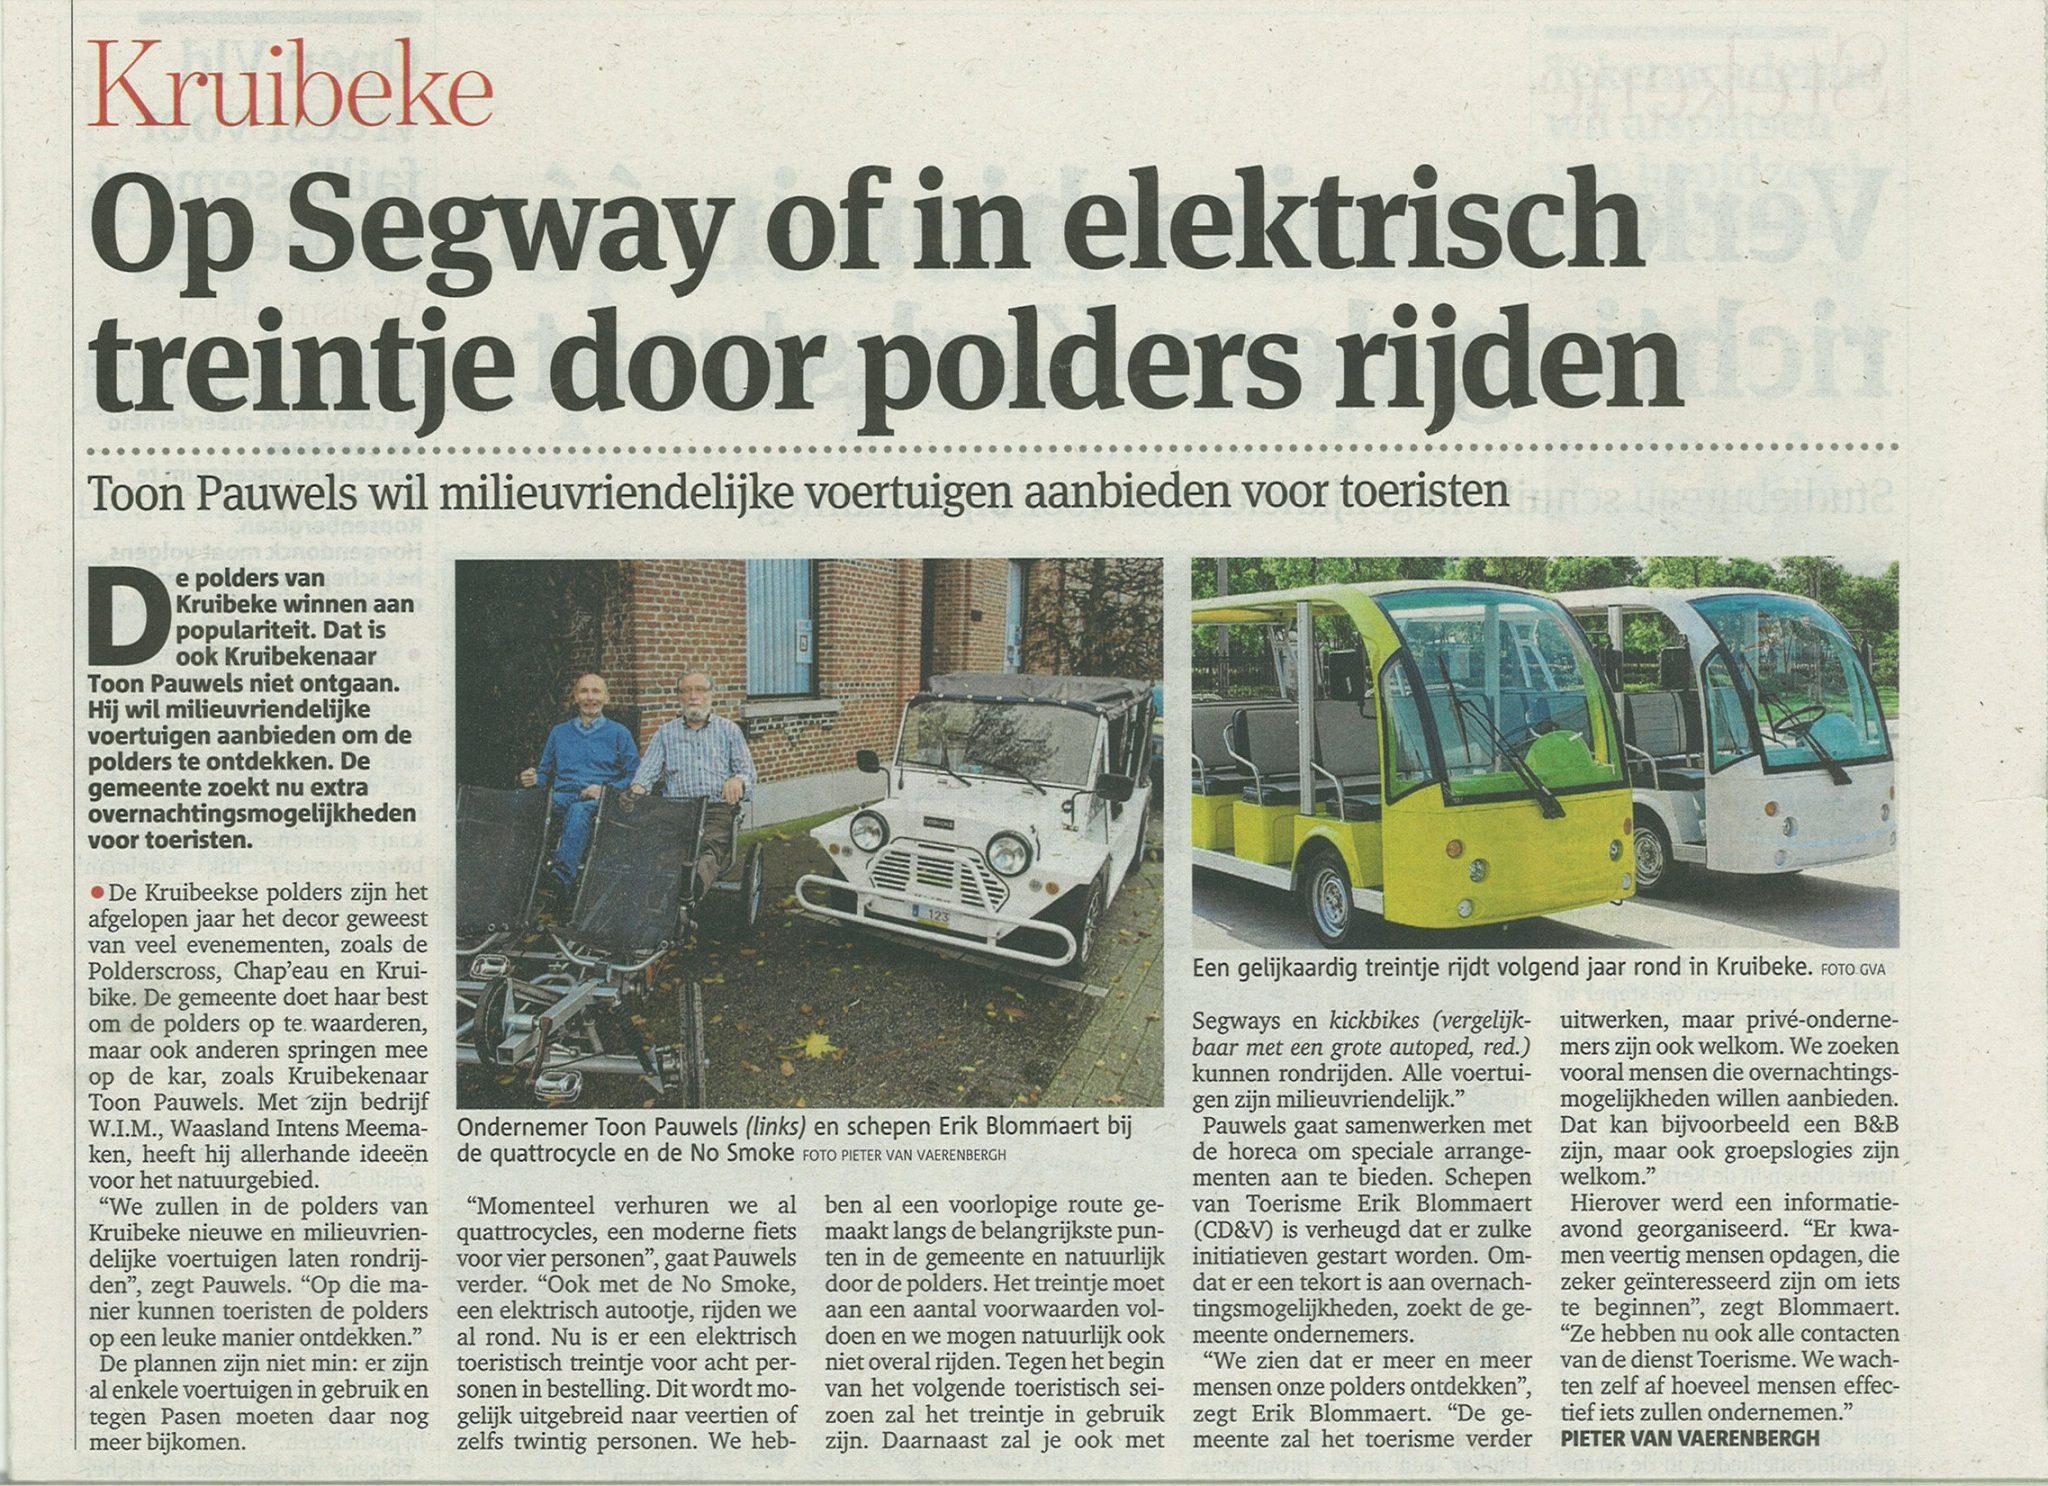 op-segway-of-in-electrisch-treintje-door-polders-van-kruibeke-rijden